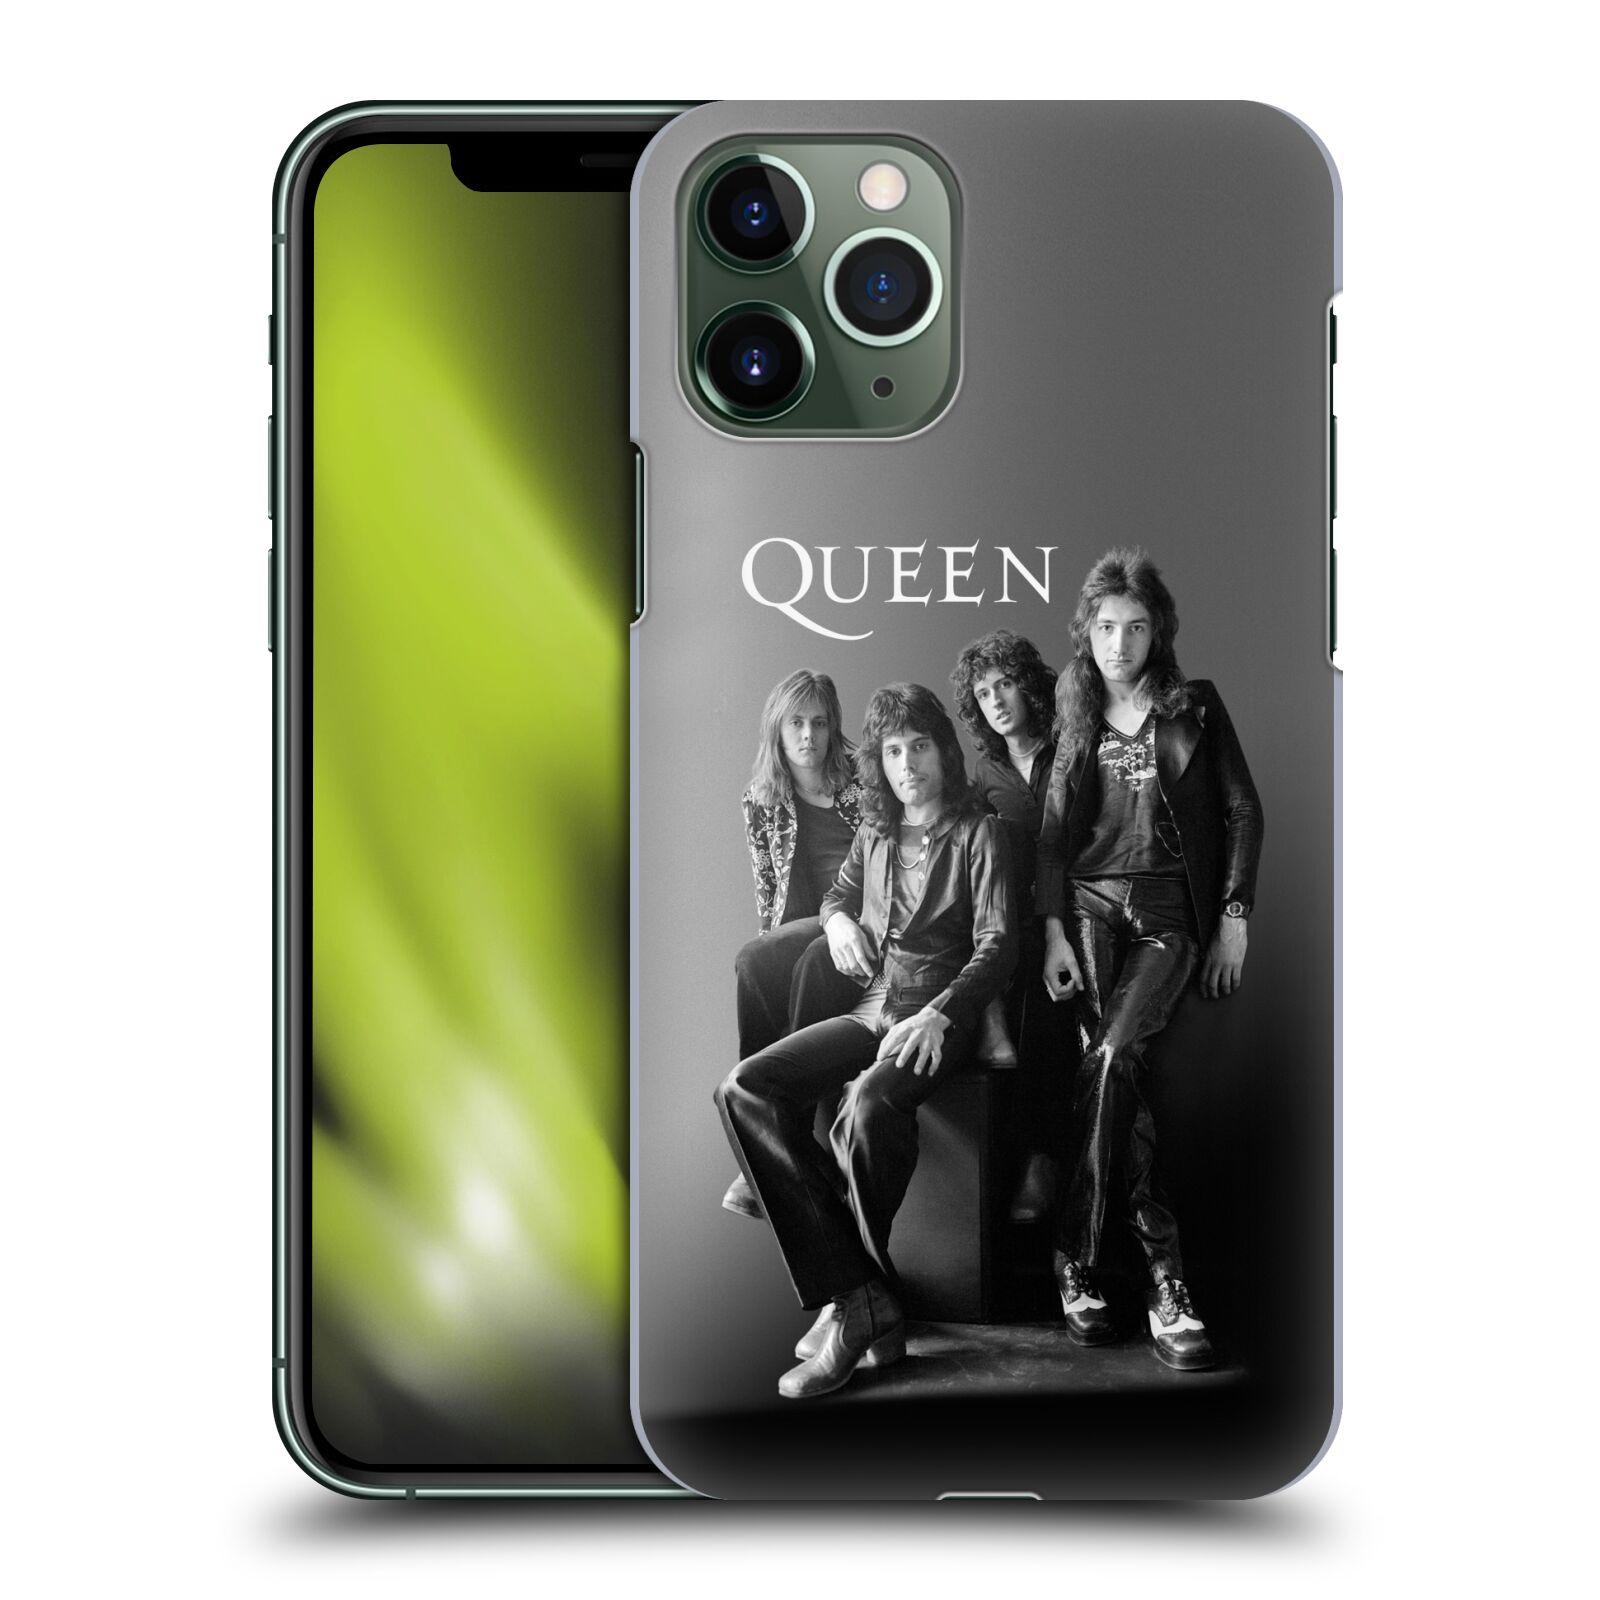 Plastové pouzdro na mobil Apple iPhone 11 Pro - Head Case - Queen - Skupina